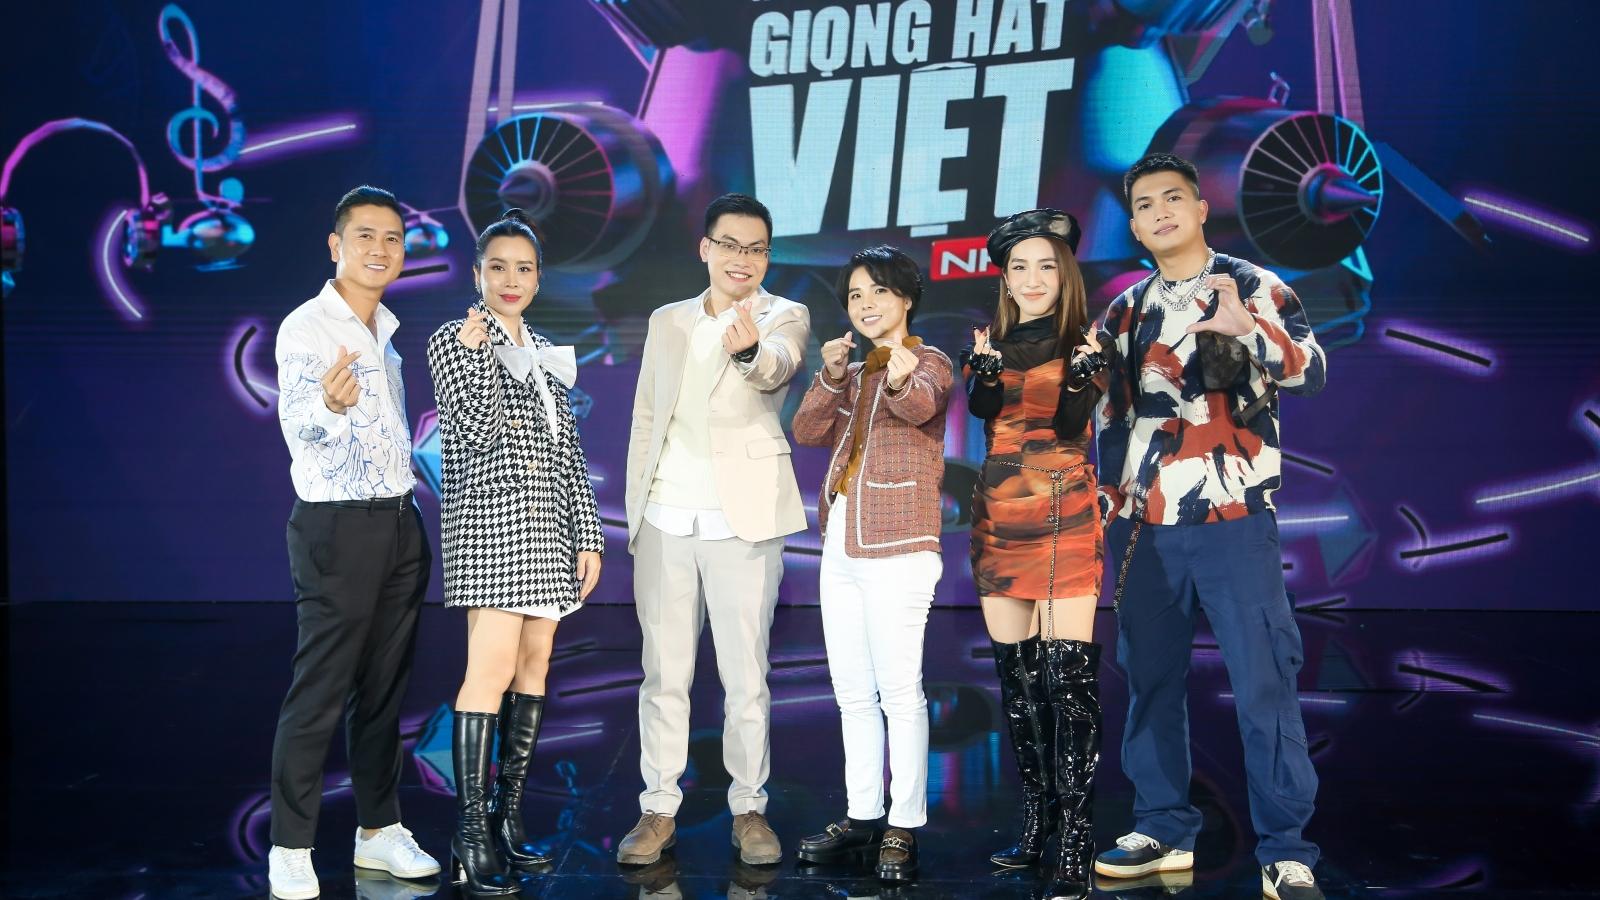 Giọng hát Việt nhí tập 1: Emily phải xin lỗi Lưu Hương Giang vì lỡ phát ngôn gây mất lòng